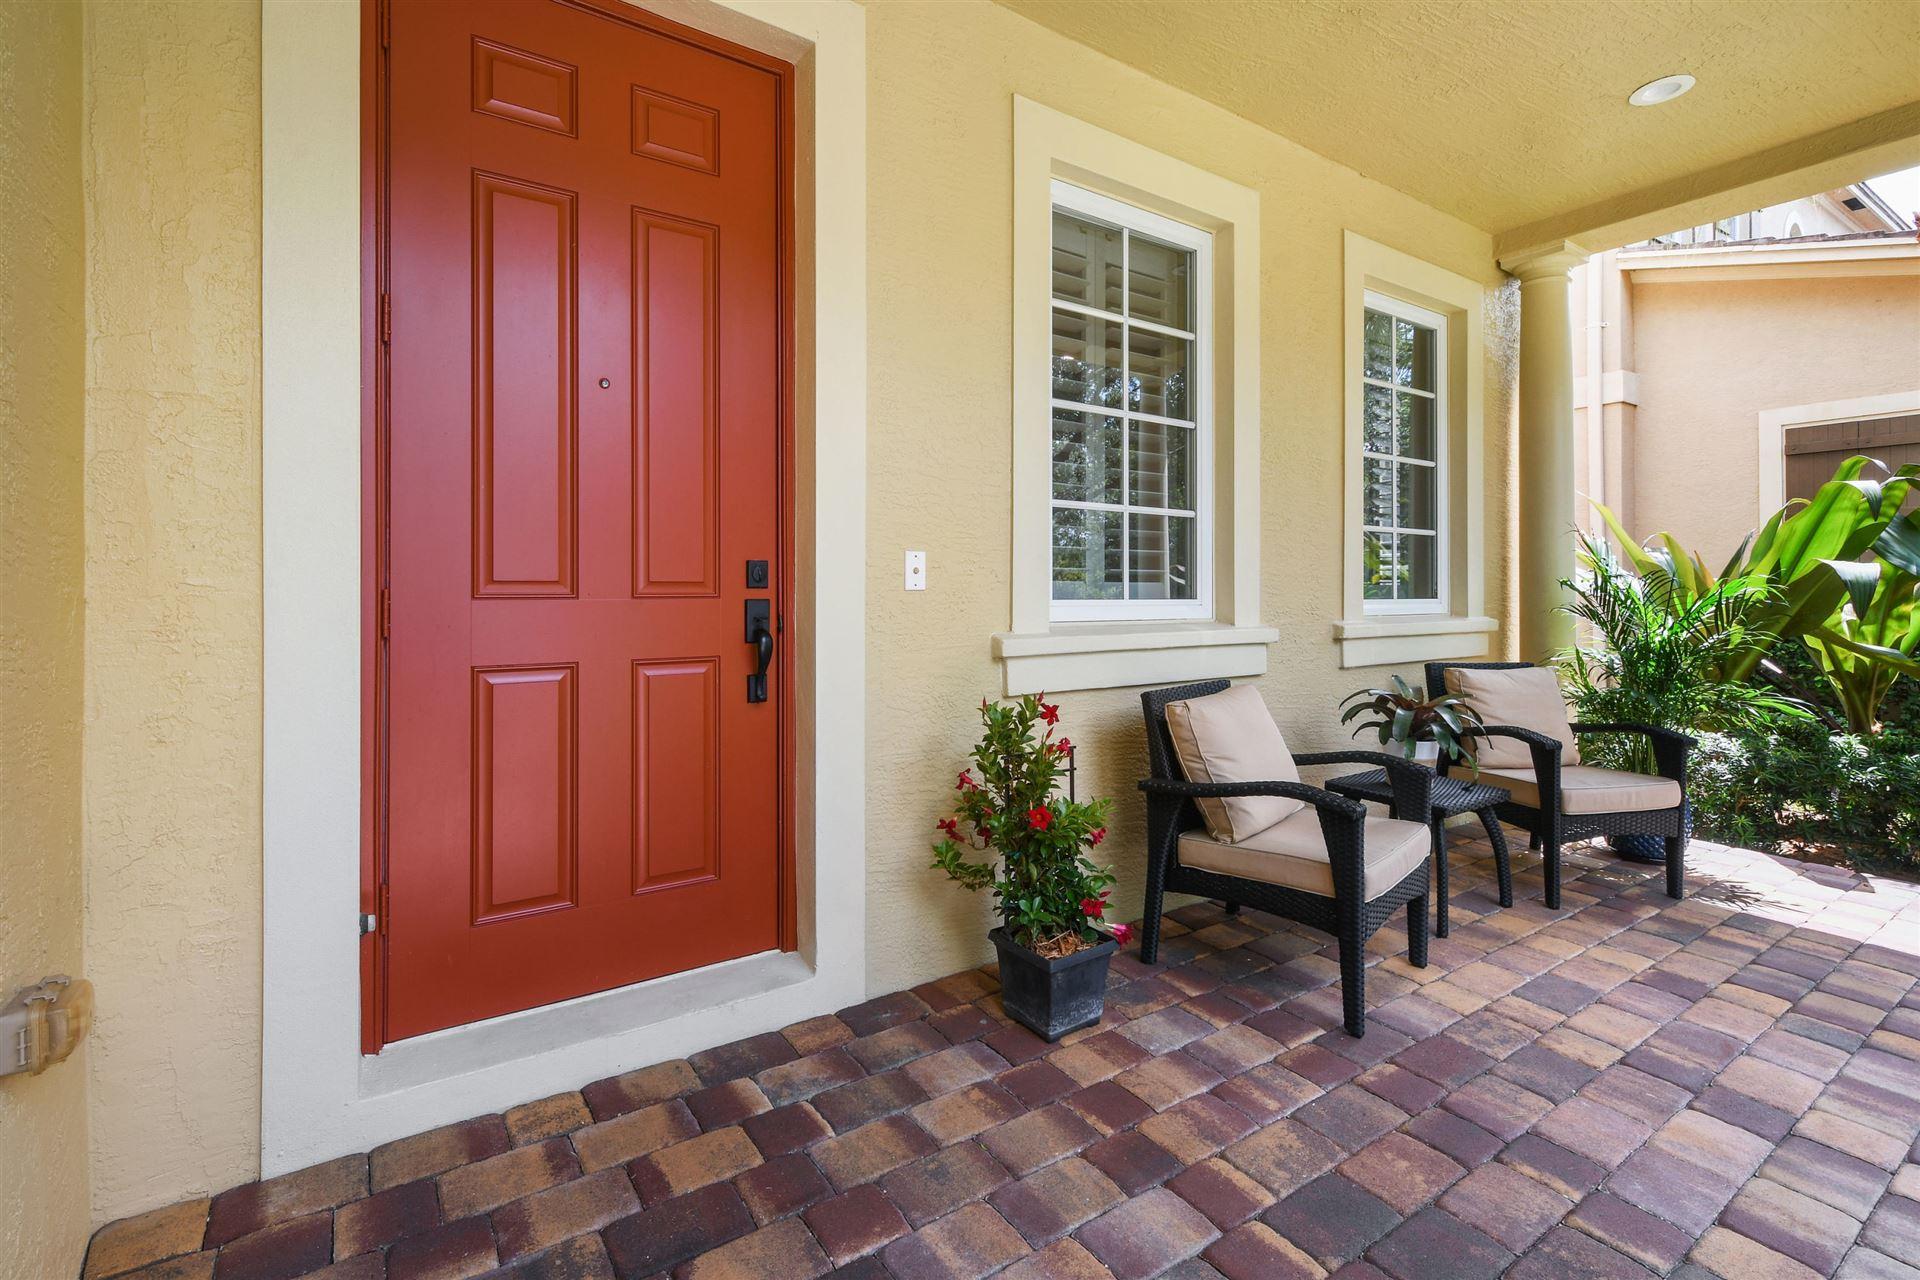 Photo of 166 Bandon Lane, Jupiter, FL 33458 (MLS # RX-10635917)